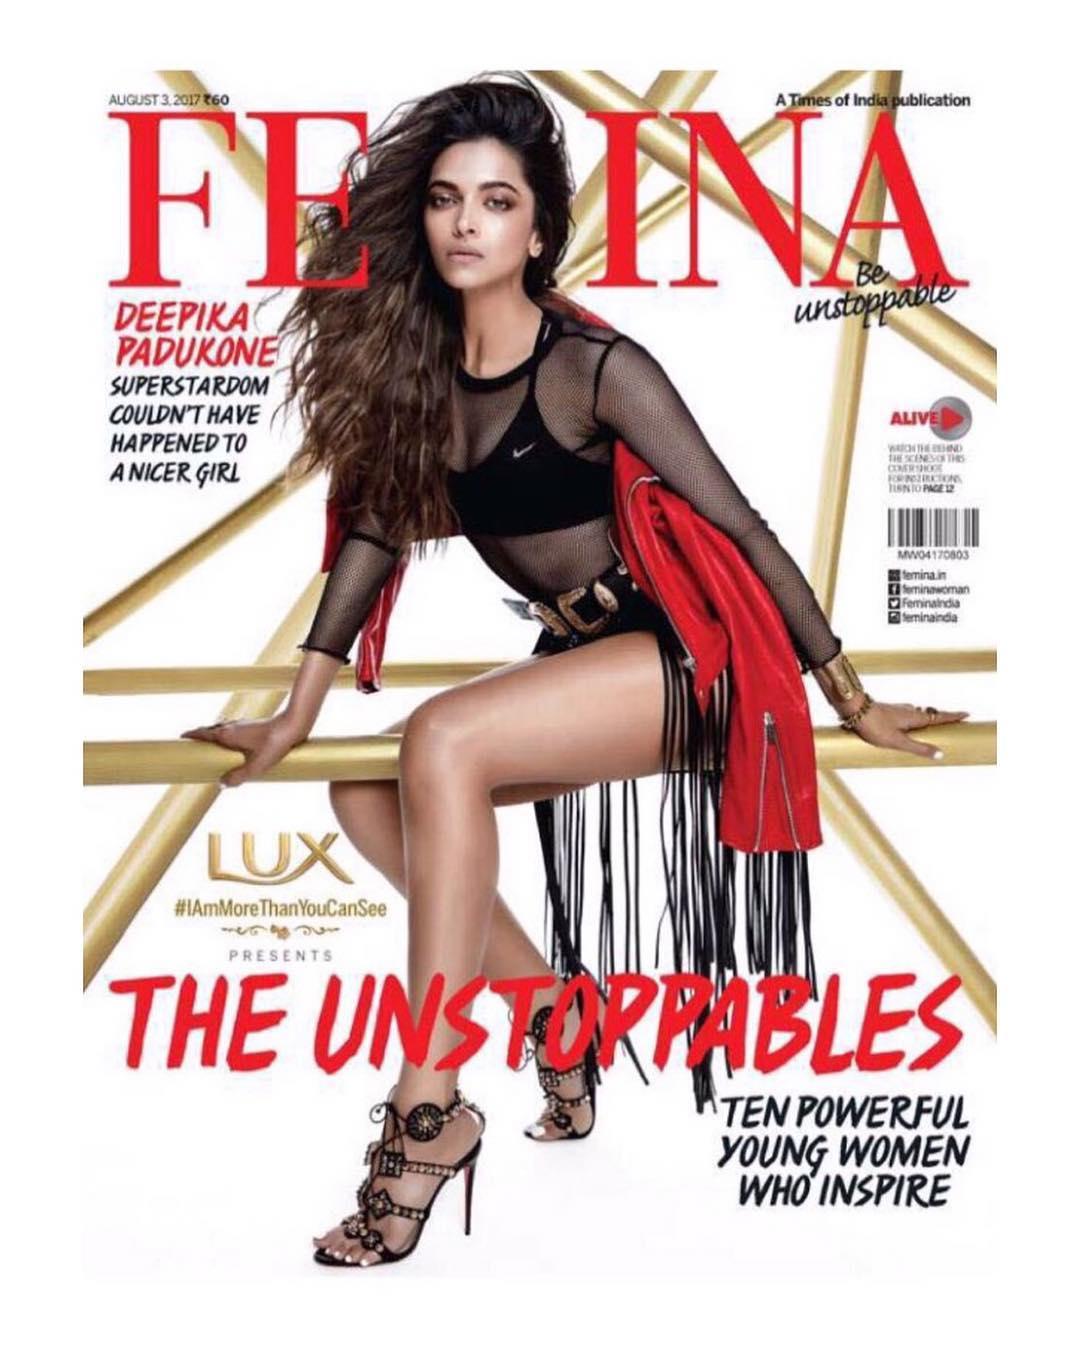 deepika padukone femina magazine cover august 2017